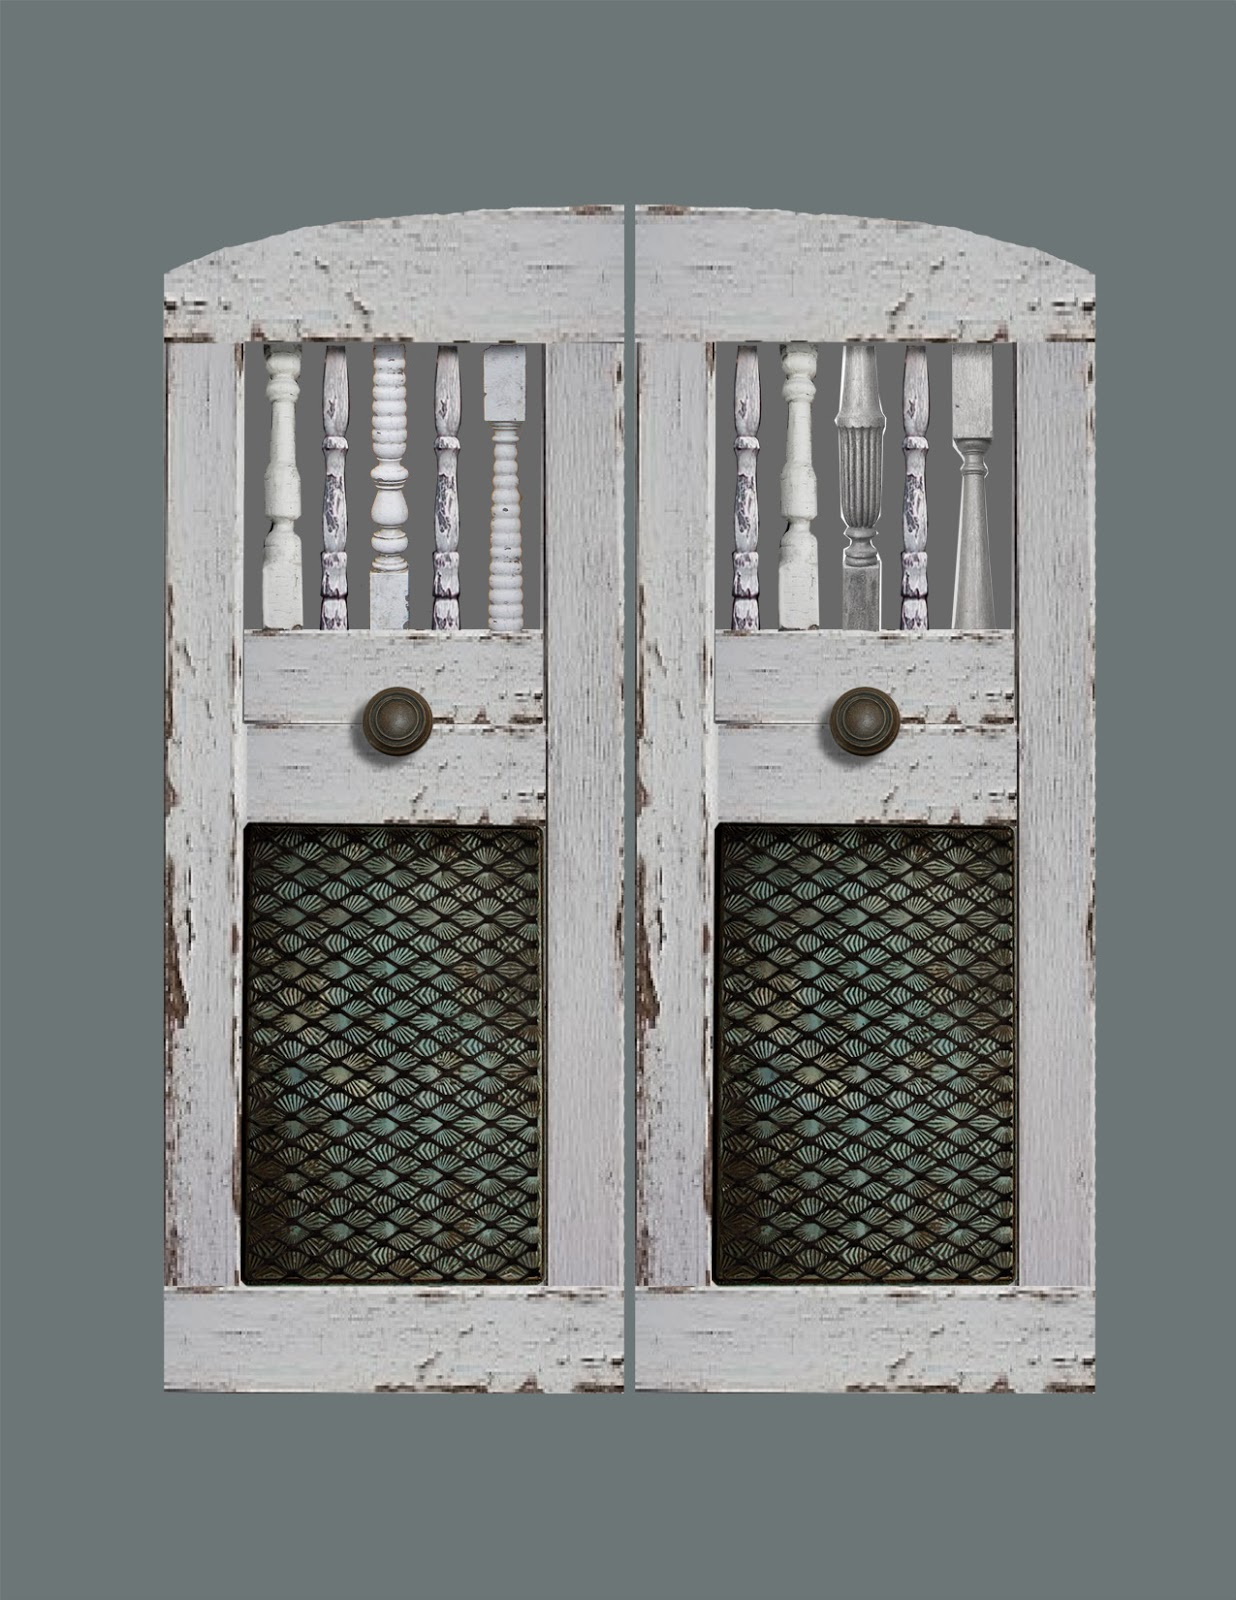 Handcrafted custom swinging saloon doors - Custom Swinging Saloon Doors Featuring Antique Spindles And Embossed Metal Baking Pans